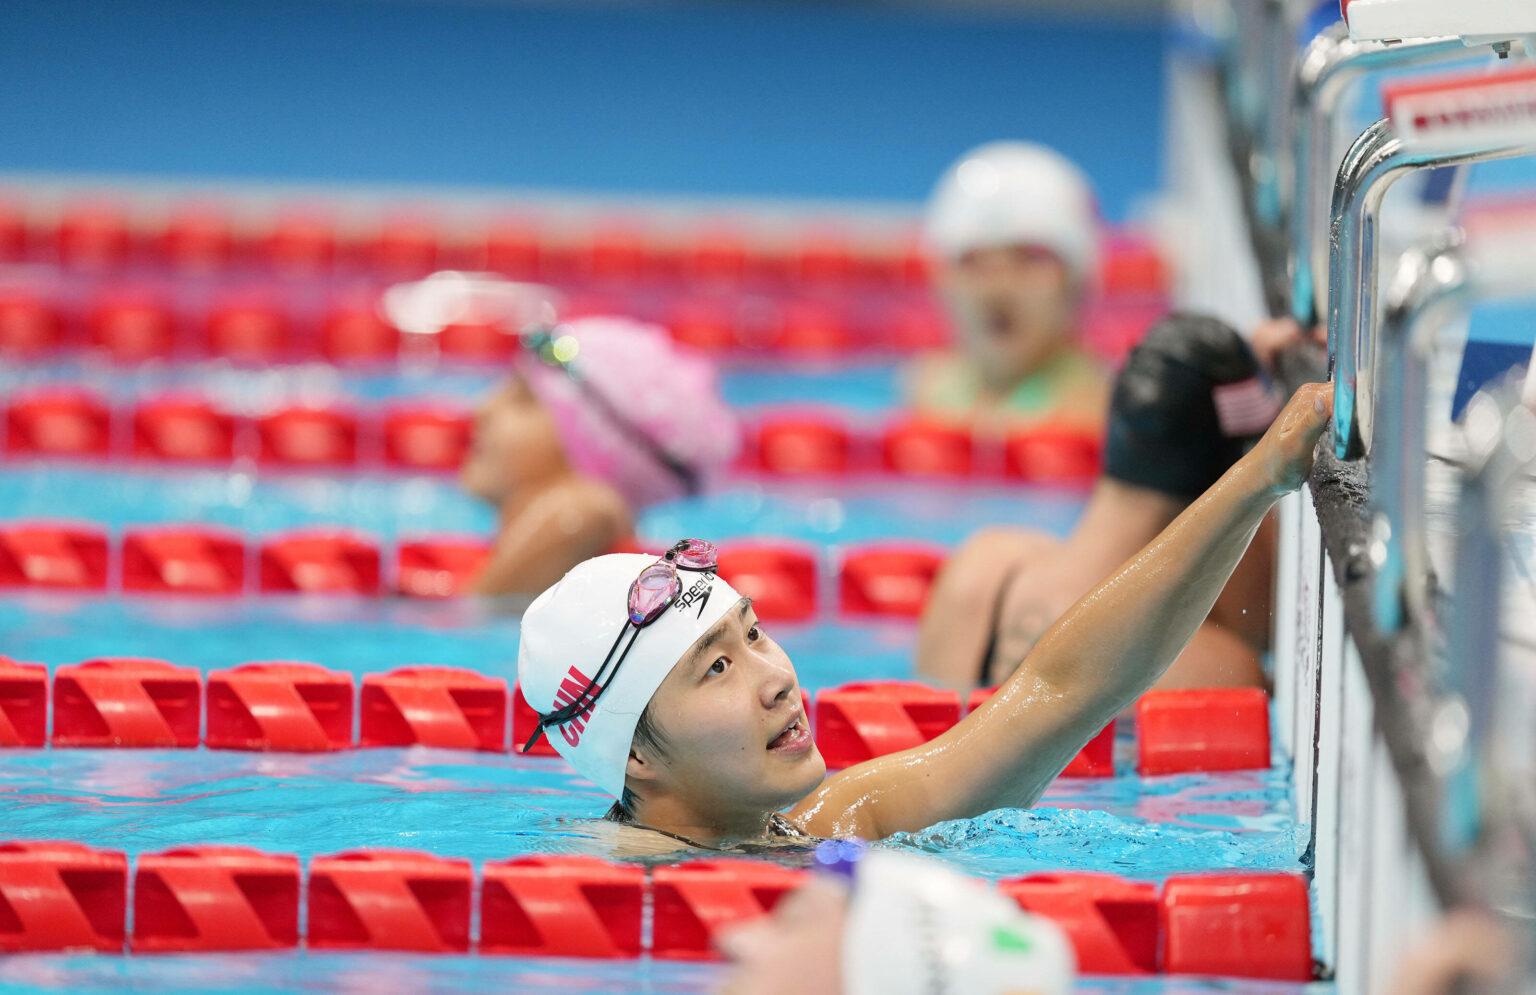 IMAGO / Xinhua